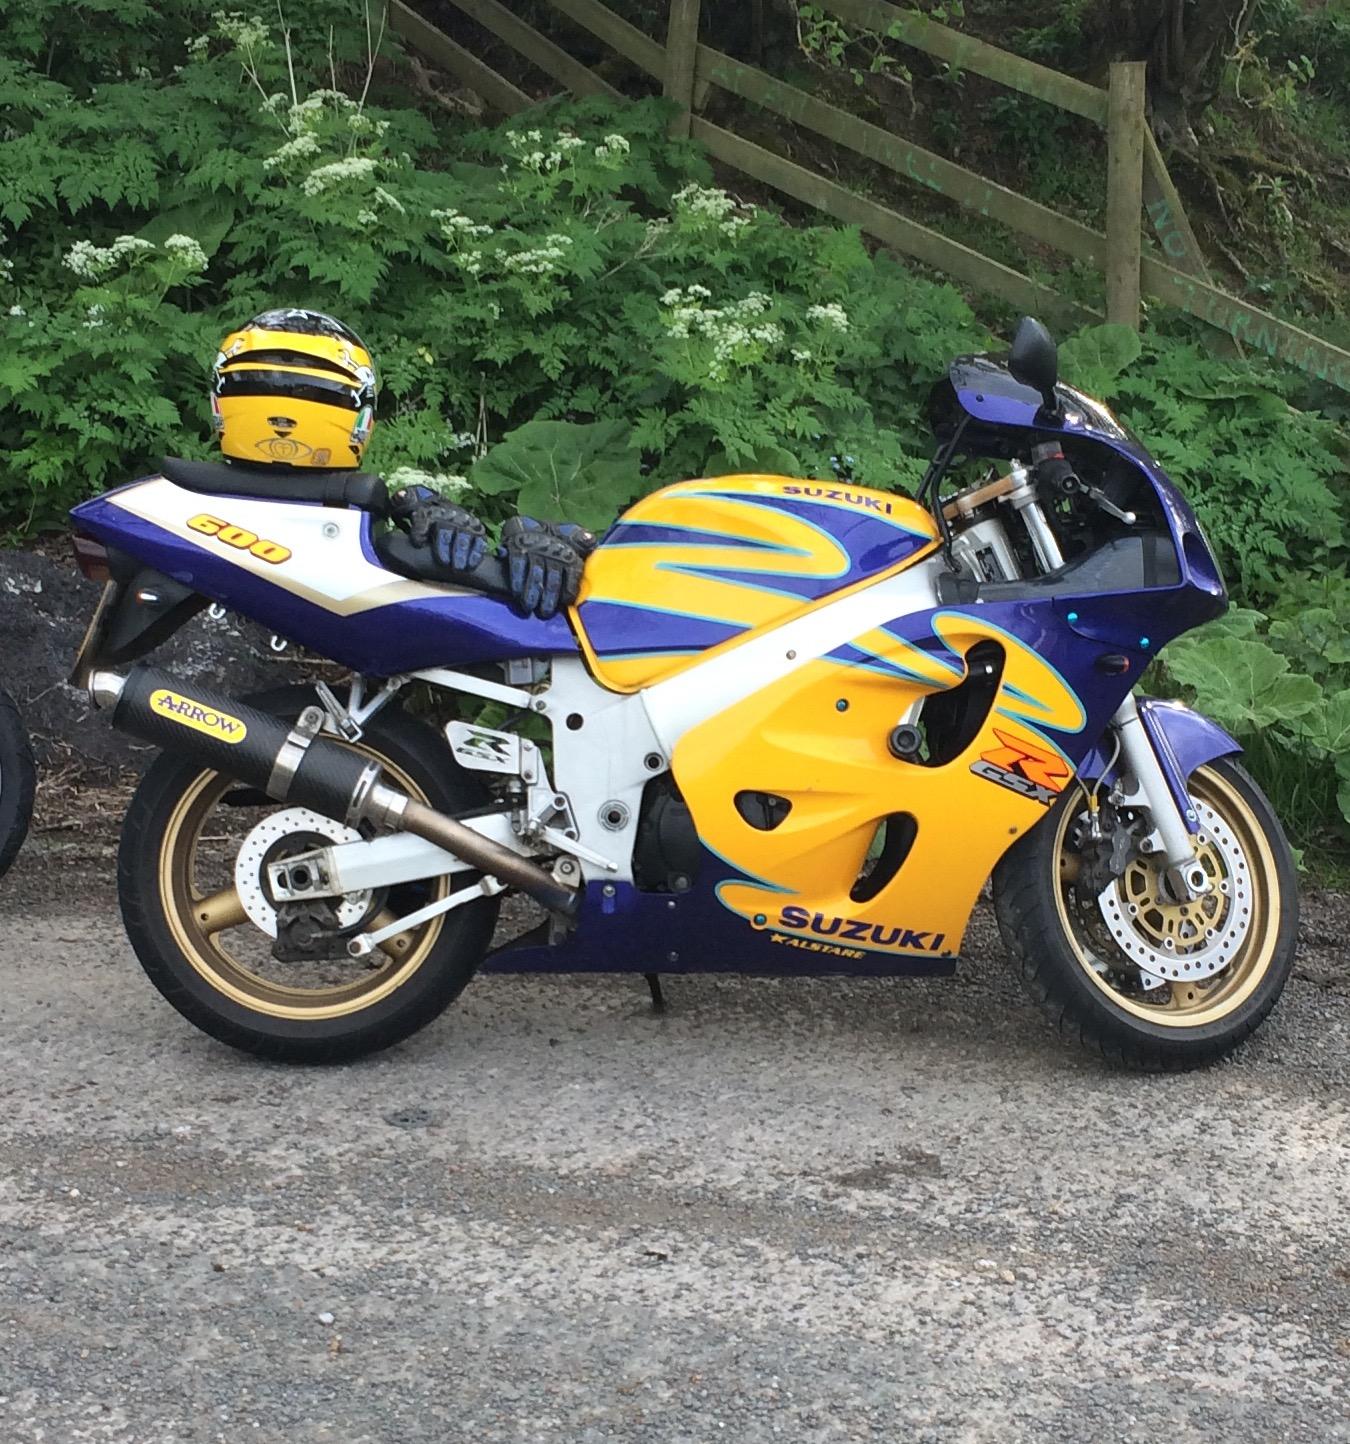 Chris Bennett – Suzuki GSX-R600